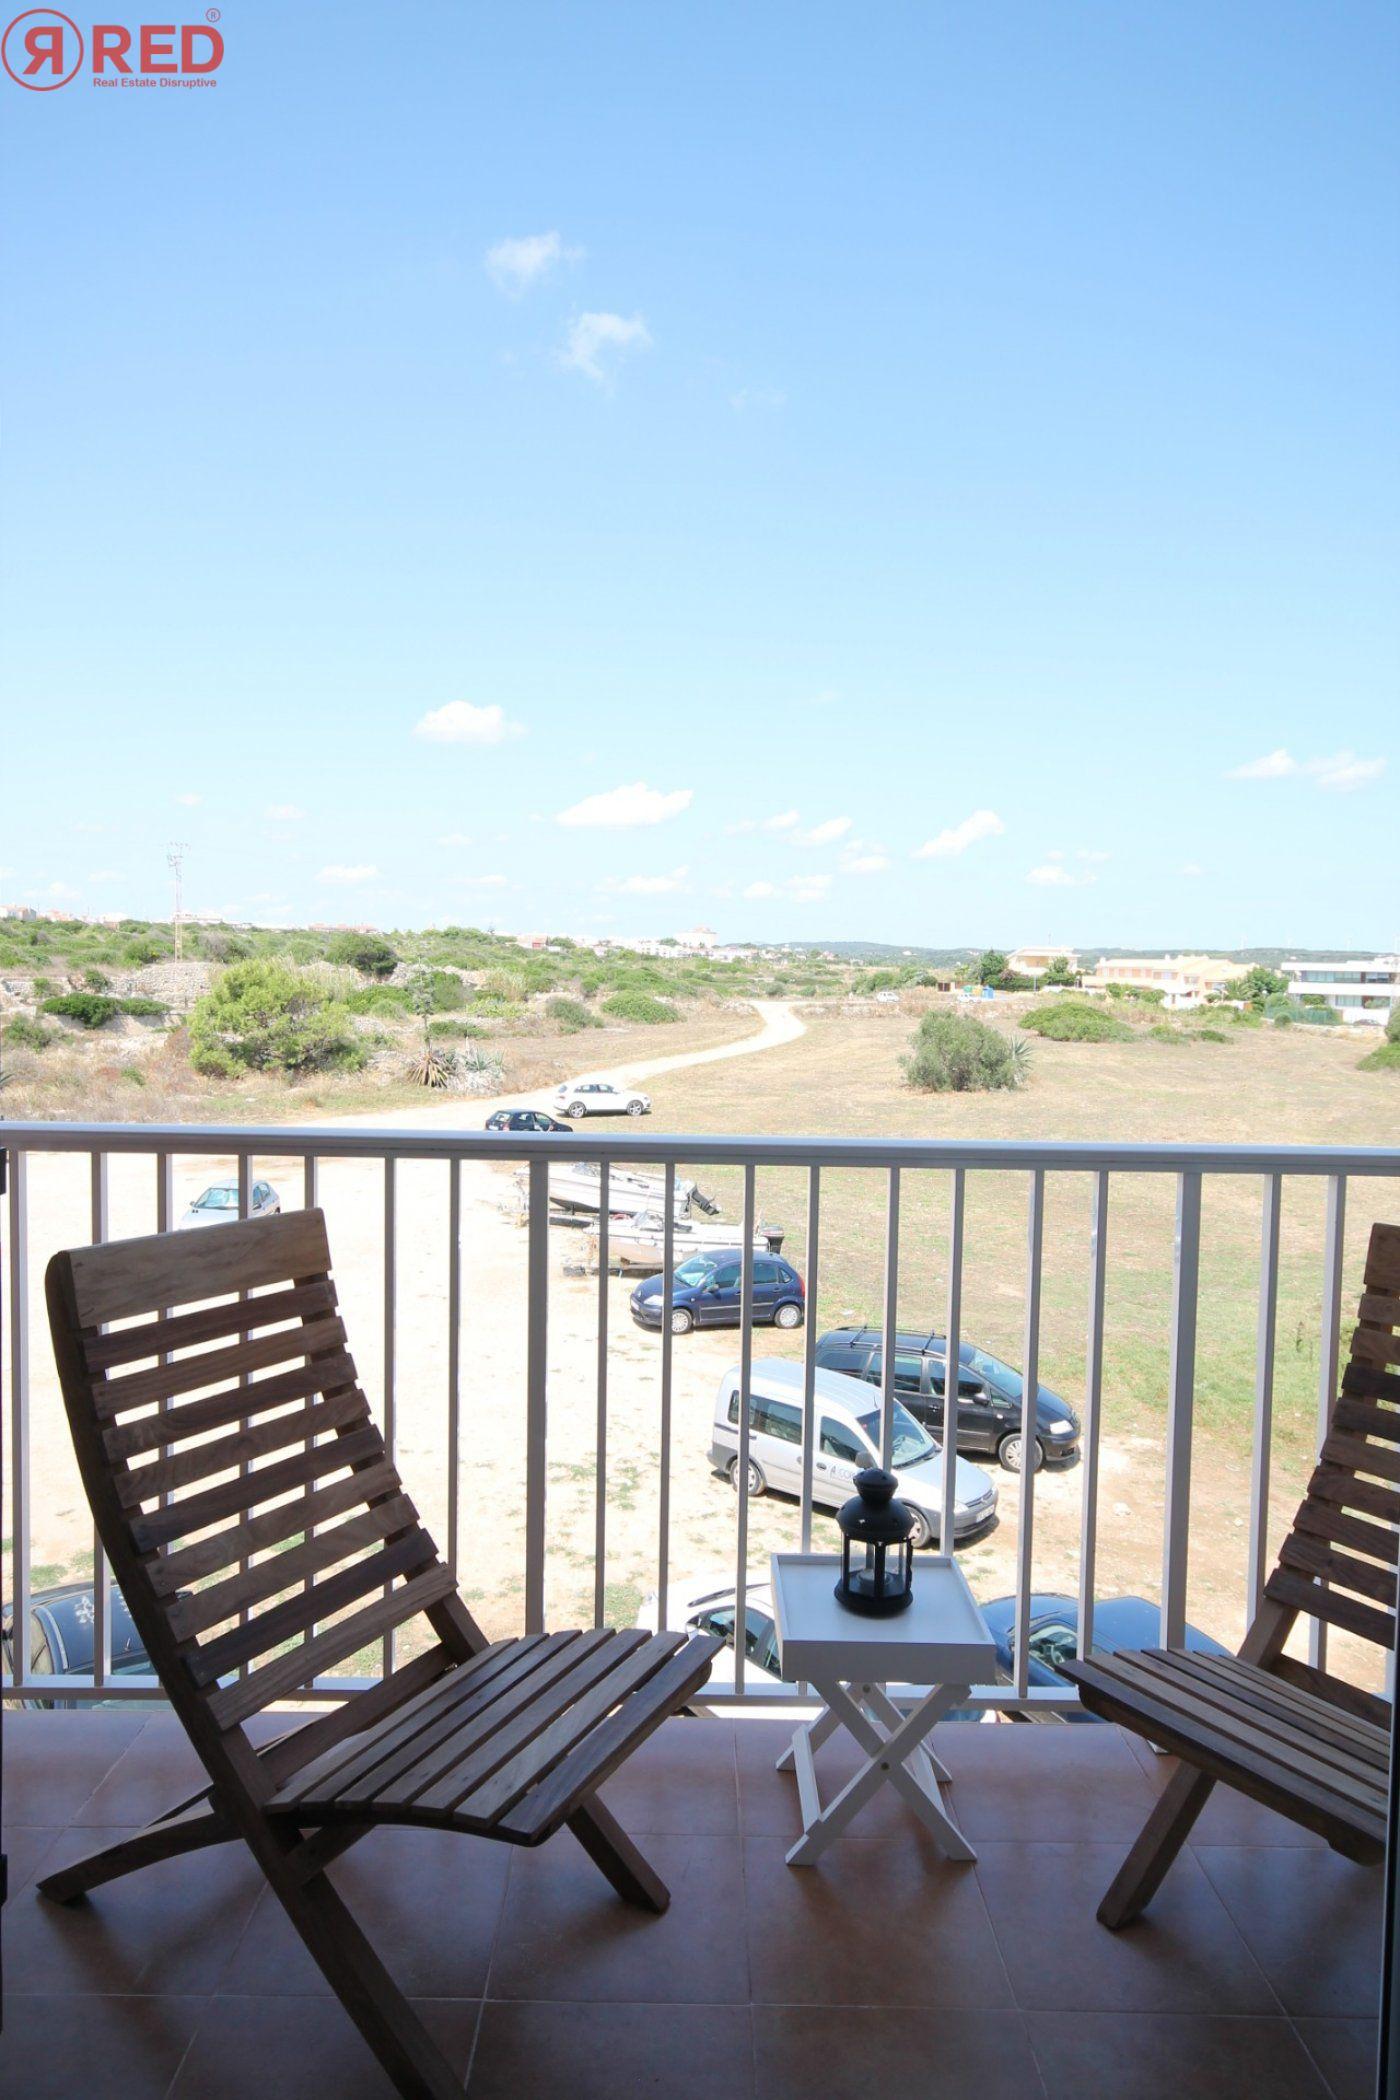 Dúplex con terraza y piscina comunitaria, equipamiento y mobiliario excepcional - imagenInmueble5